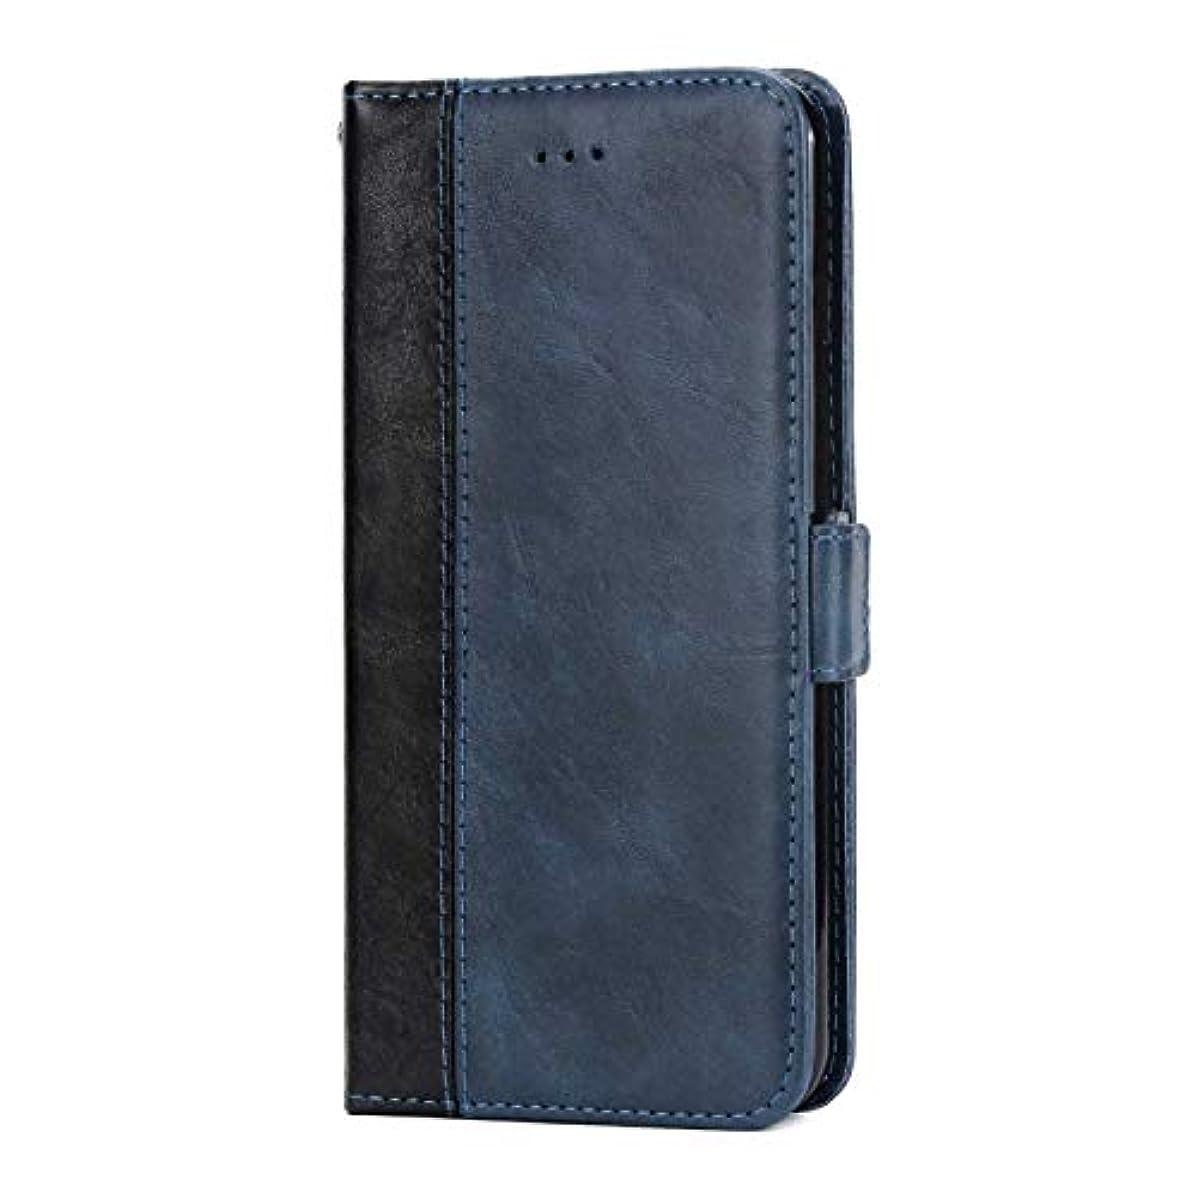 焦がす神の指定OMATENTI Huawei P20 Pro 手帳ケース マグネット式 カバー Huawei P20 Pro 高級PUレザー カードポケット スタンド機能 薄型 スマホケース(3-ブルー)